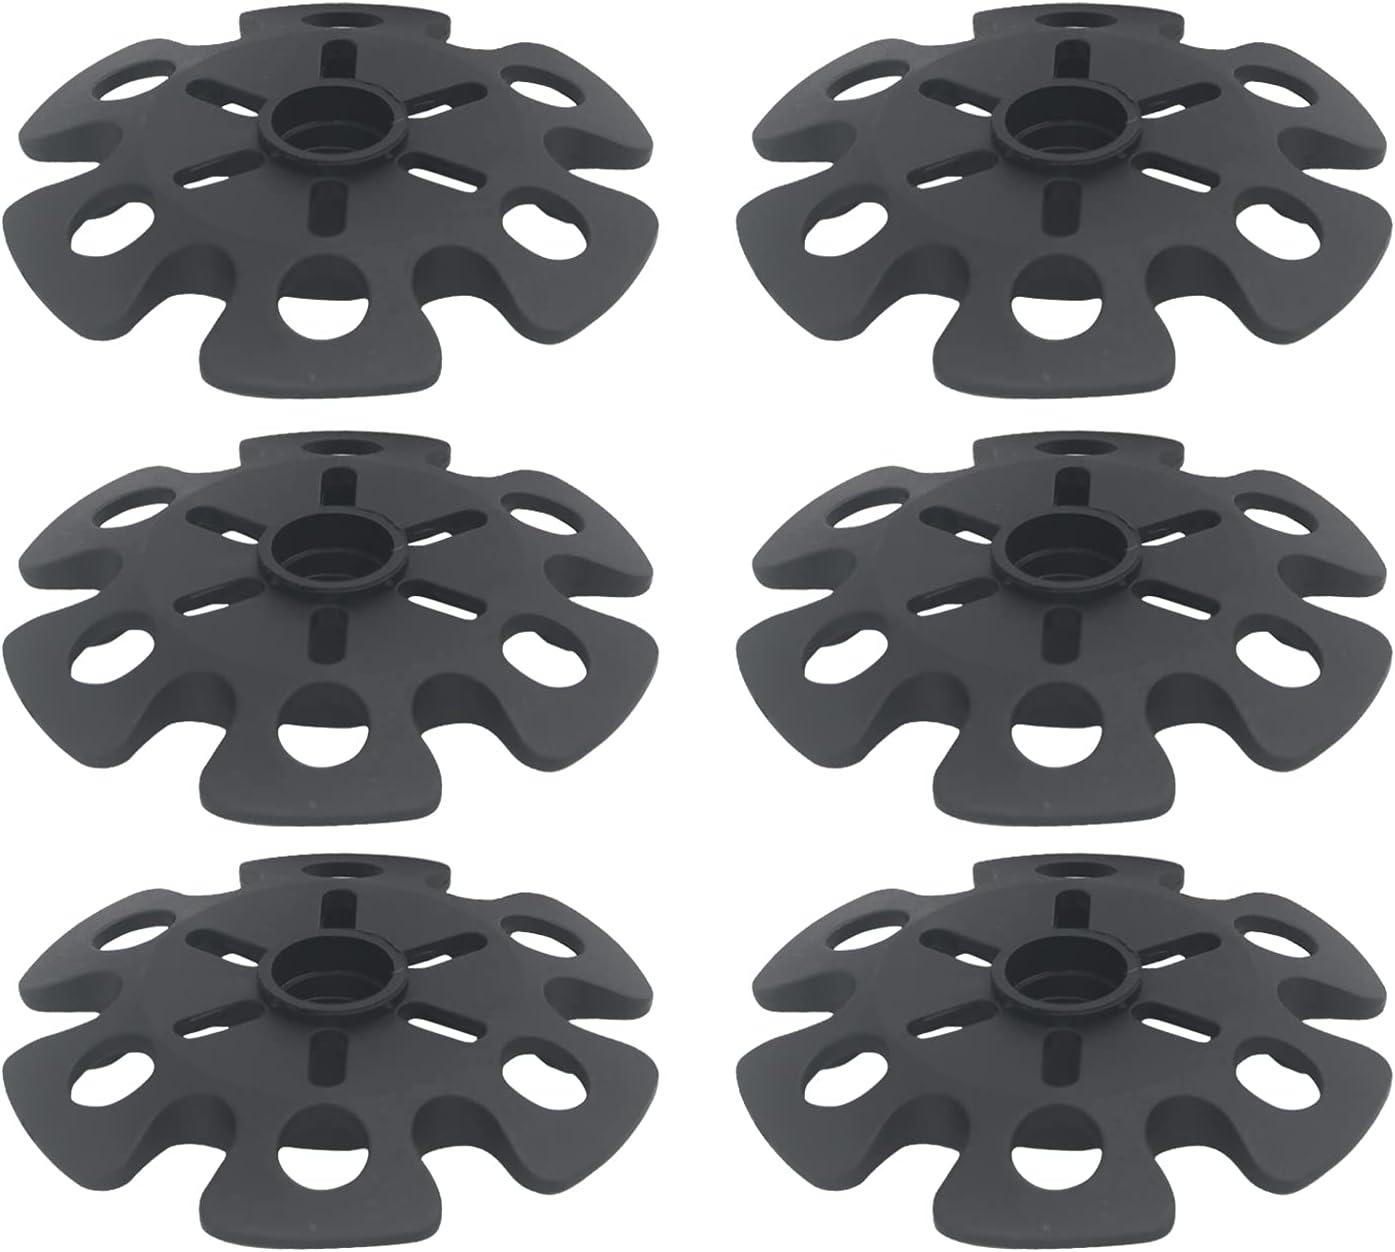 MINCLIM 6 Pieces 3 Pairs Trekking Snow Baskets Popular brand Pole Repla Mud Genuine